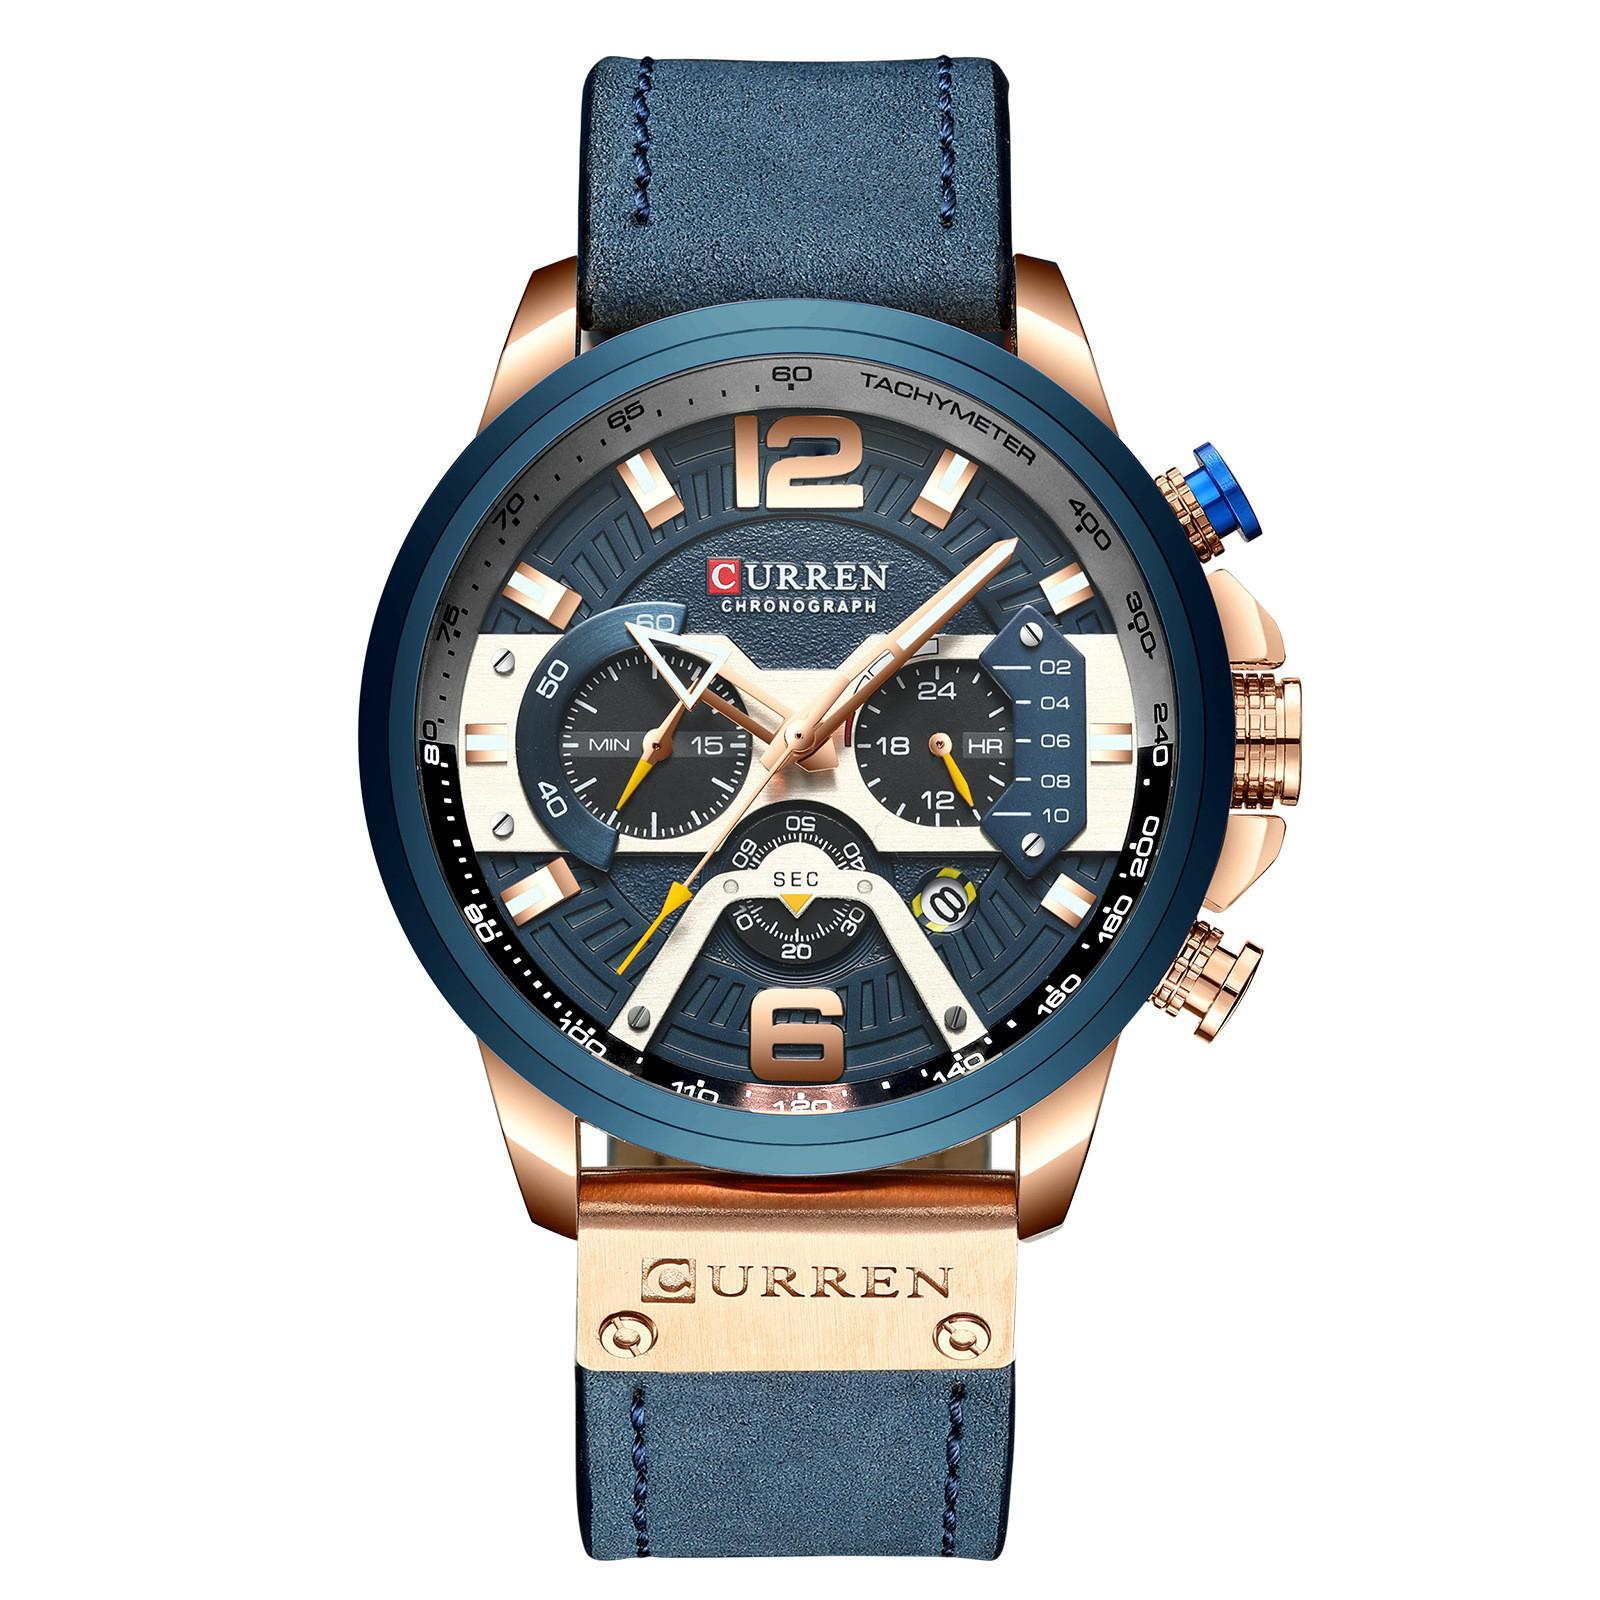 Curren 캐주얼 스포츠 시계 남성용 블루 탑 브랜드 럭셔리 군사 가죽 손목 시계 남자 시계 패션 크로노 그래프 손목 시계 6 아날로그 쿼츠 3 작은 실제 다이얼